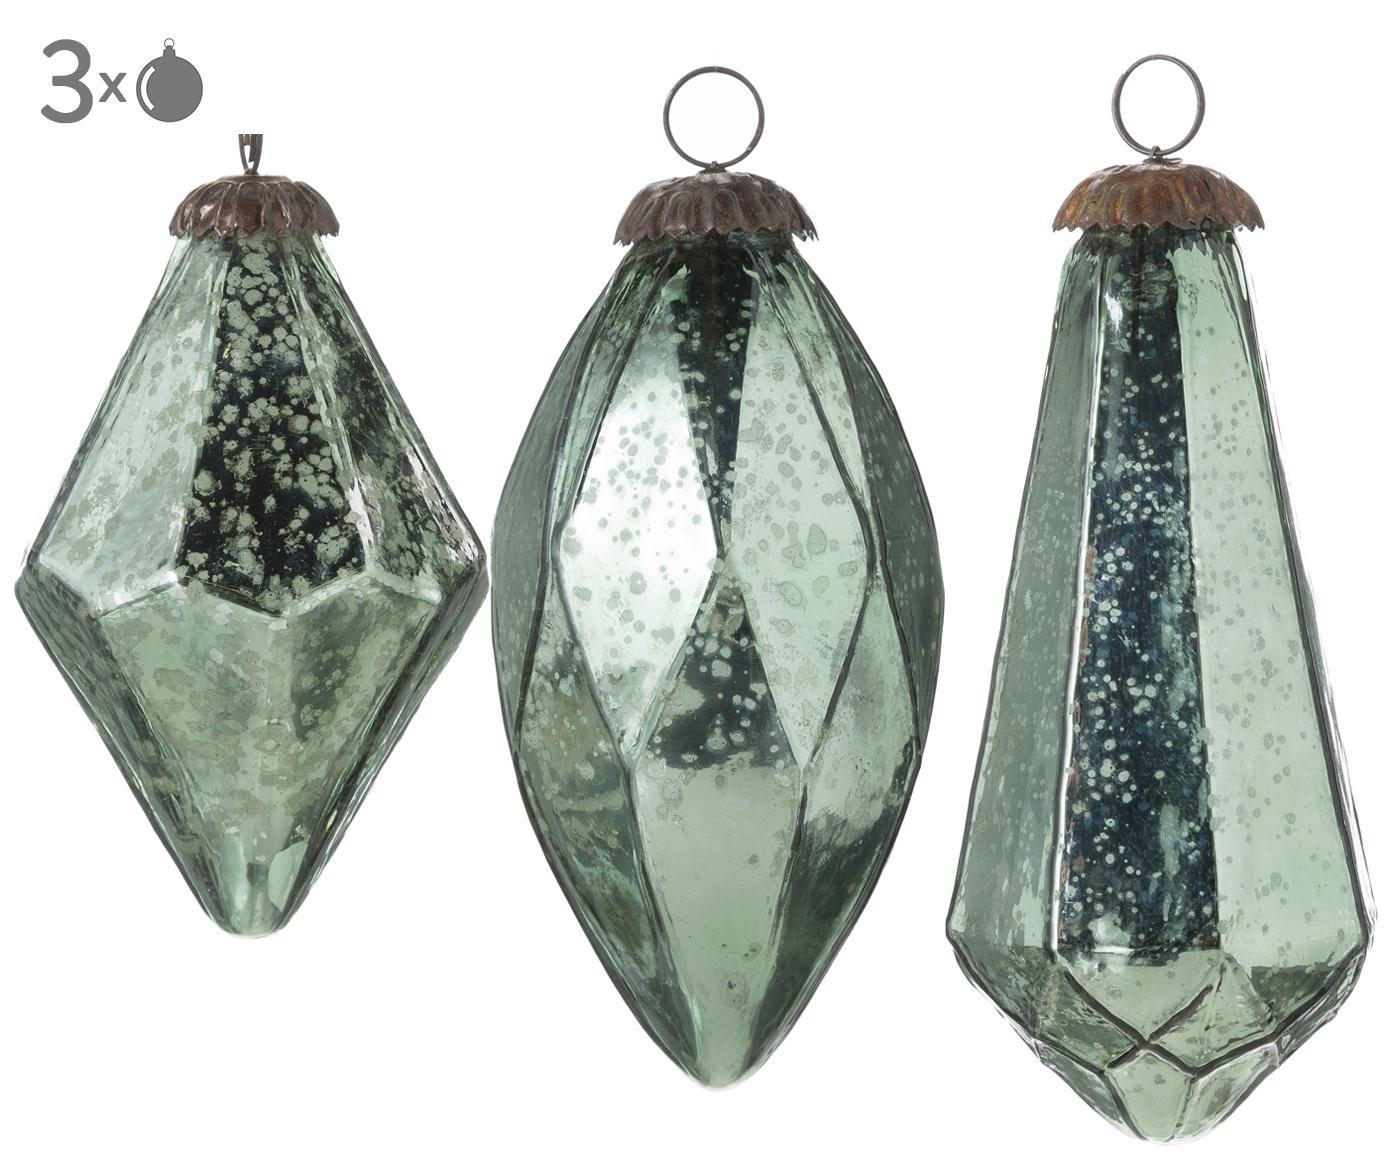 Baumanhänger-Set Klea, 3-tlg., Glas, Dunkelgrün, Antik-Finish, Ø 8 x H 15 cm